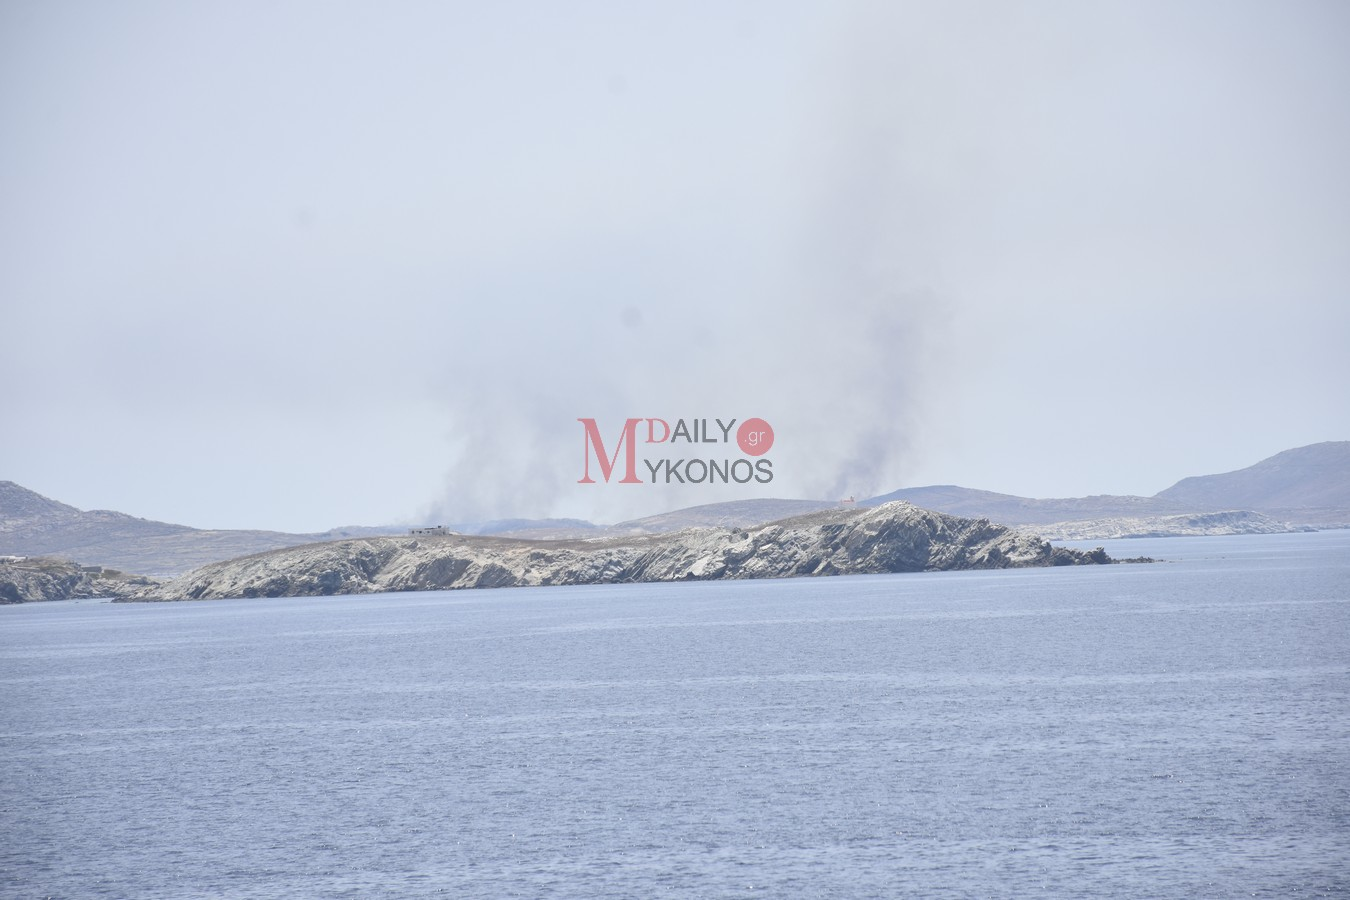 Σε εξέλιξη η πυρκαγιά στη Ρήνεια - Εικόνες από τα διάσπαρτα μέτωπα